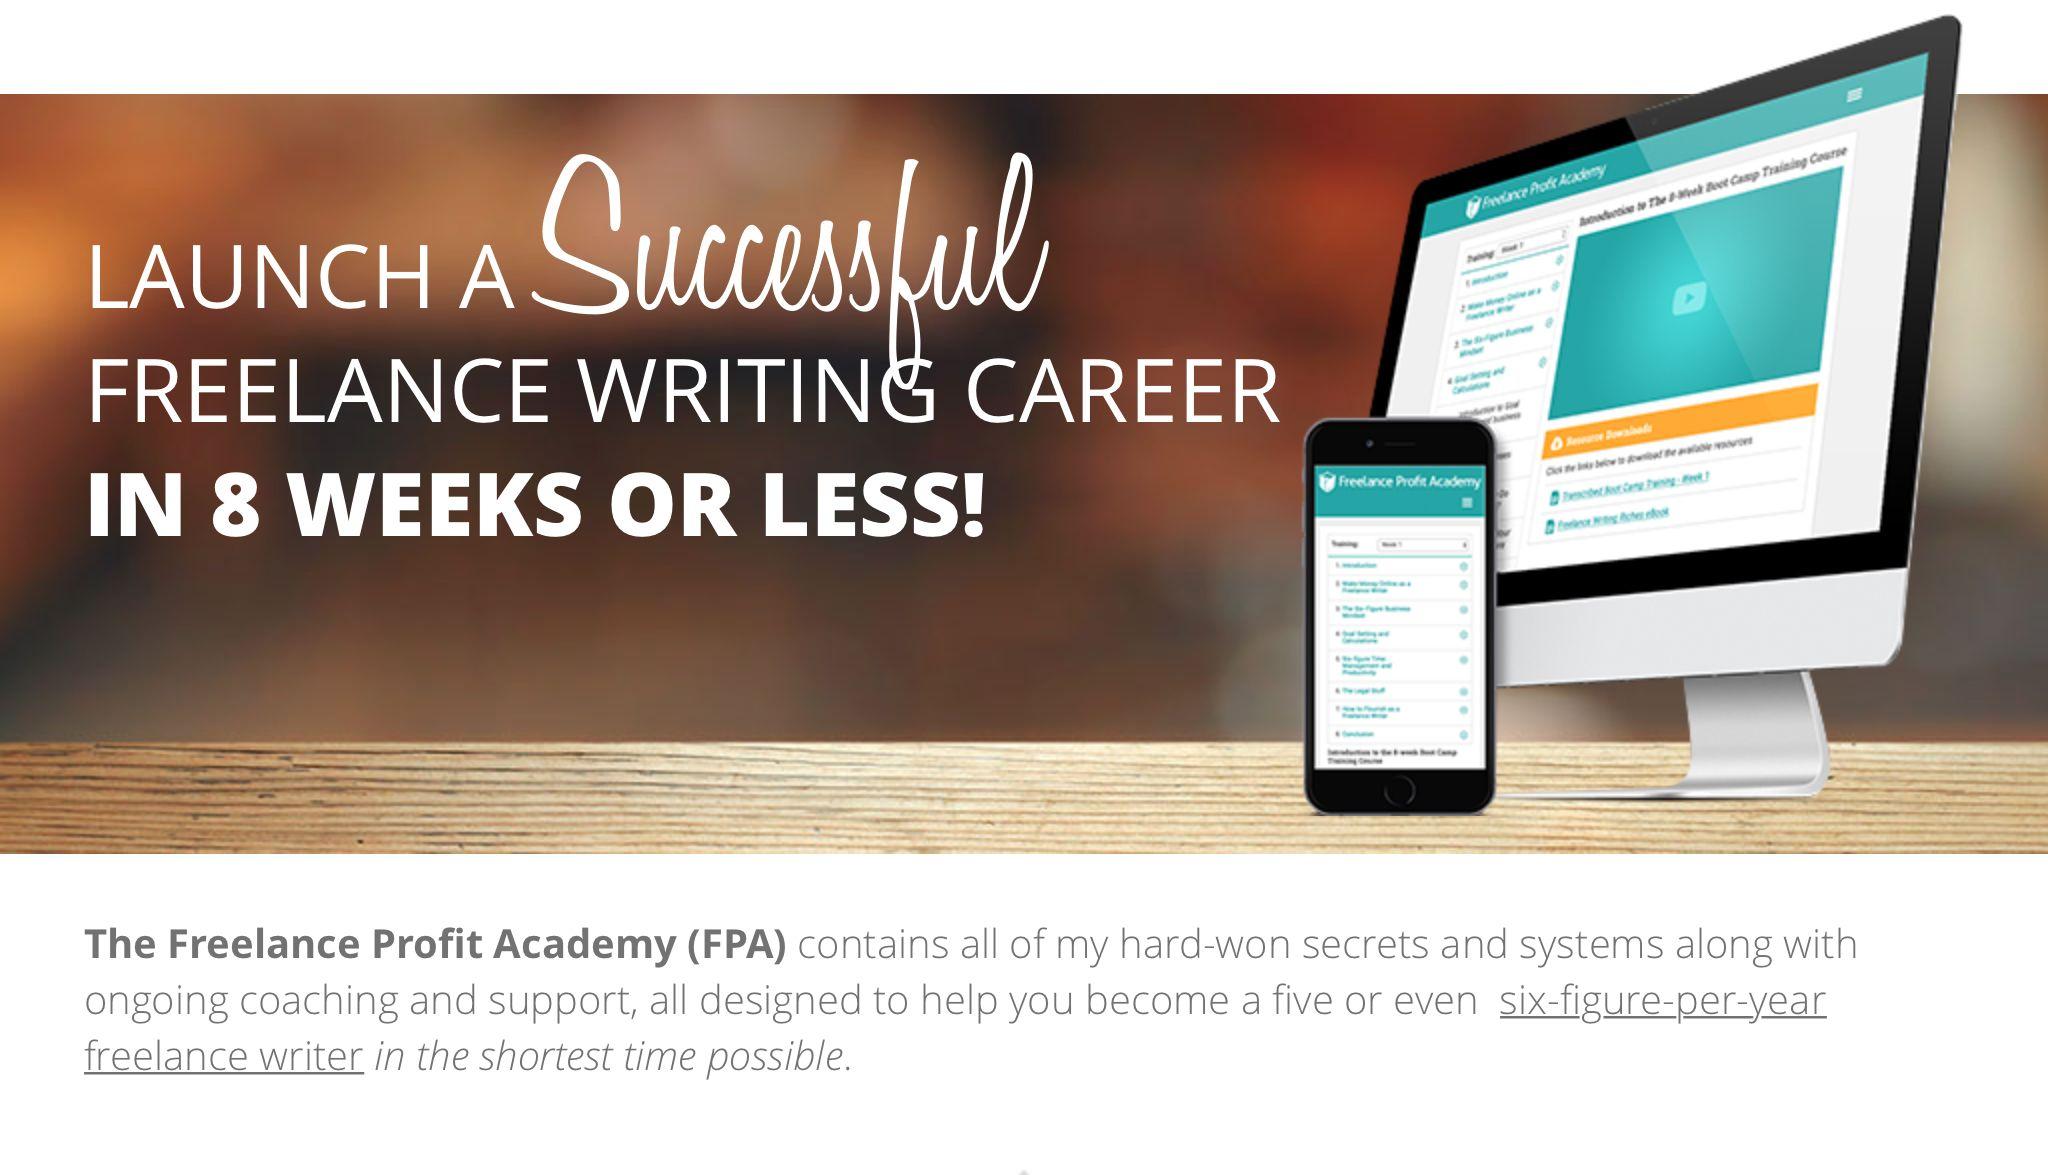 Freelance Profit Academy Freelance Writing Jobs Freelance Writing Writing Jobs